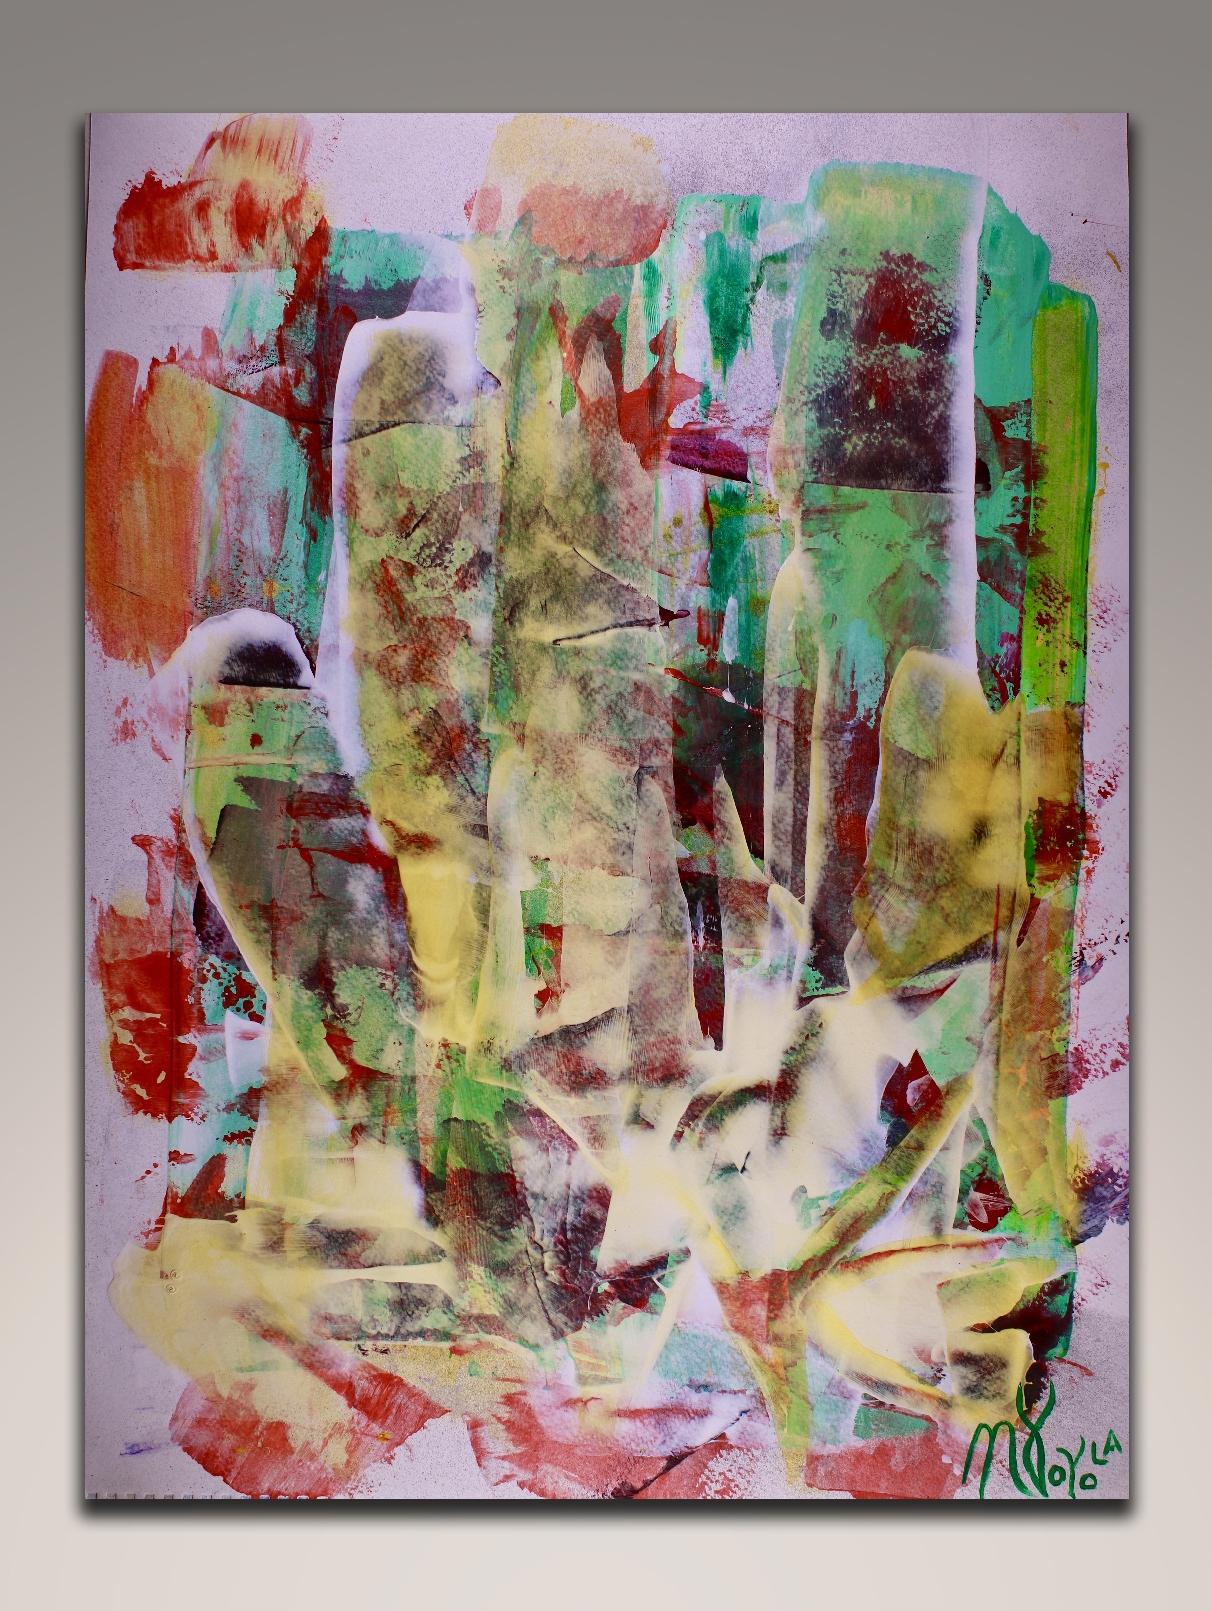 Strange times ahead (2018) - Art on paper - Nestor Toro